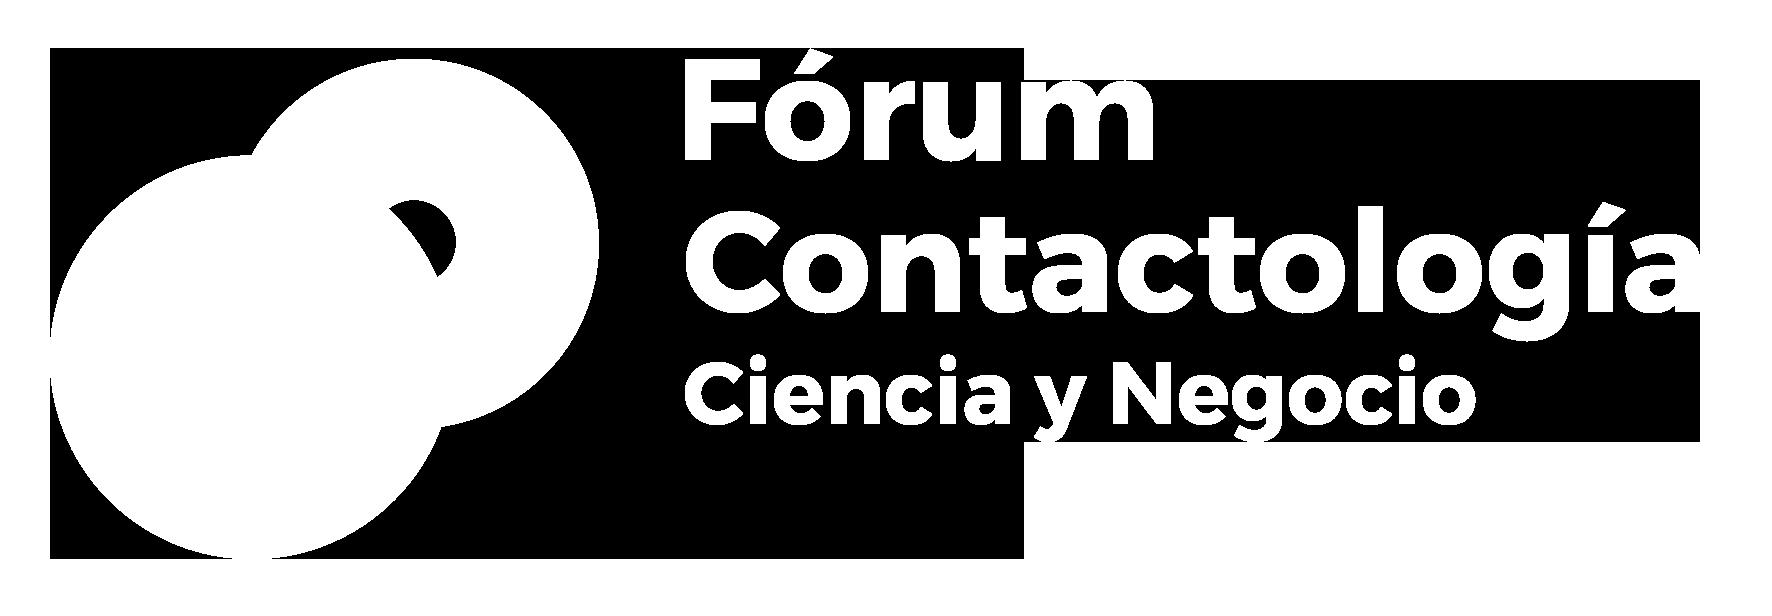 Forum Contactología